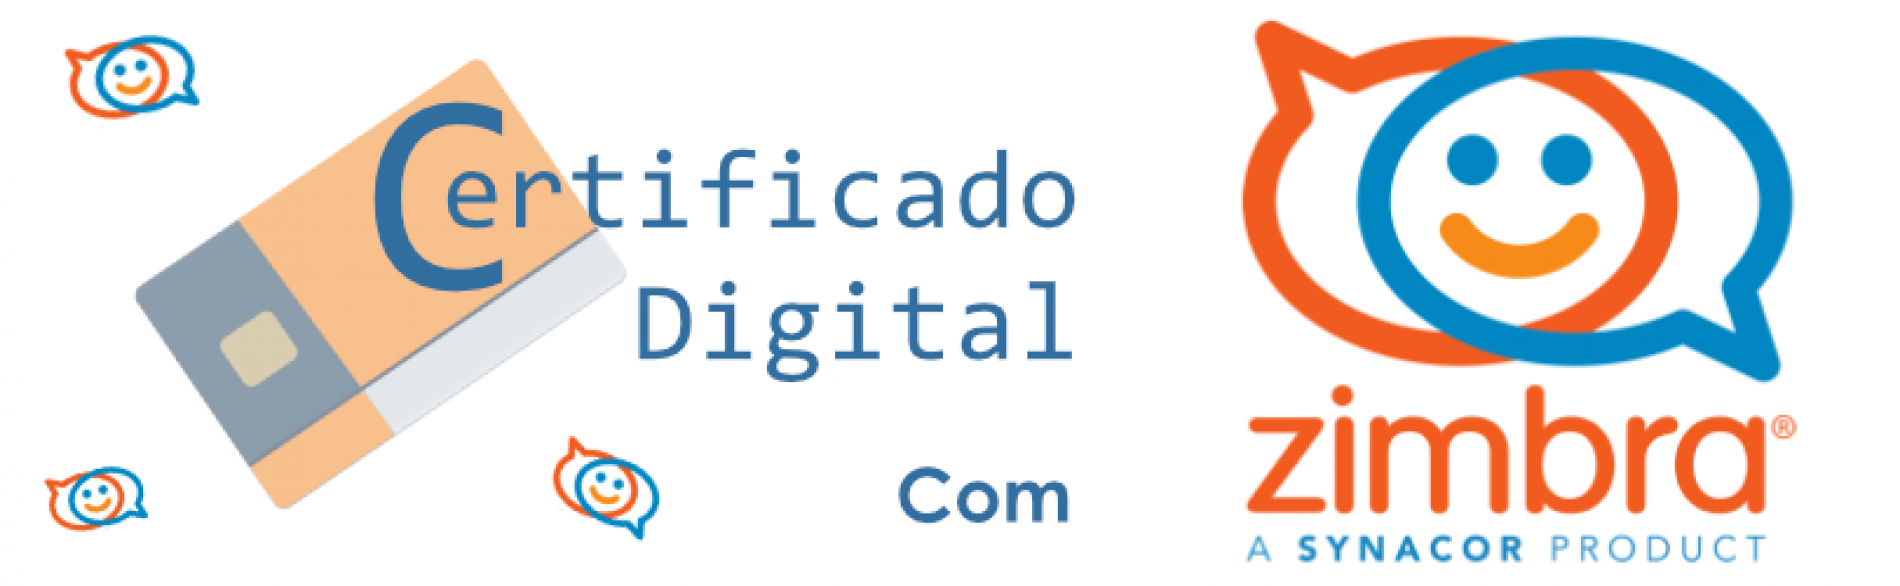 Utilizando Certificado Digital com o Zimbra